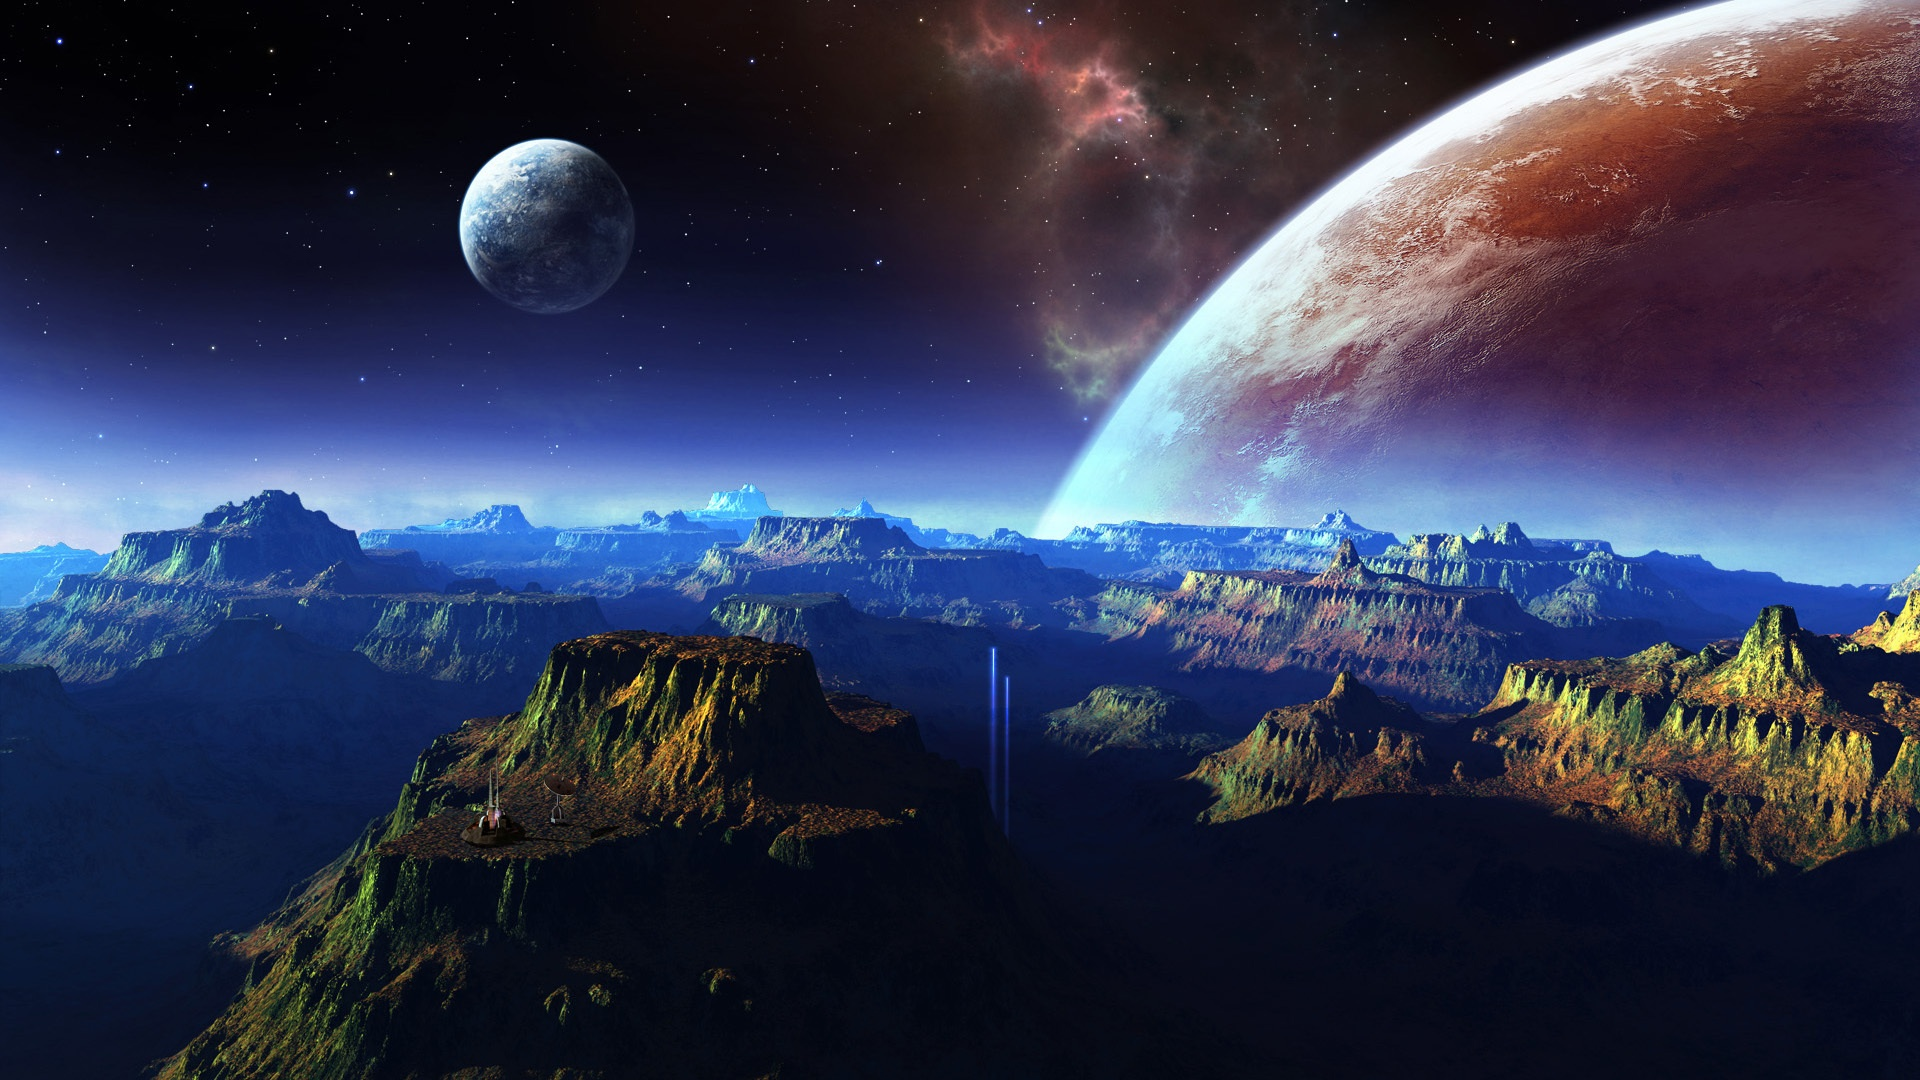 Обои планеты картинки на рабочий стол на тему Космос - скачать загрузить